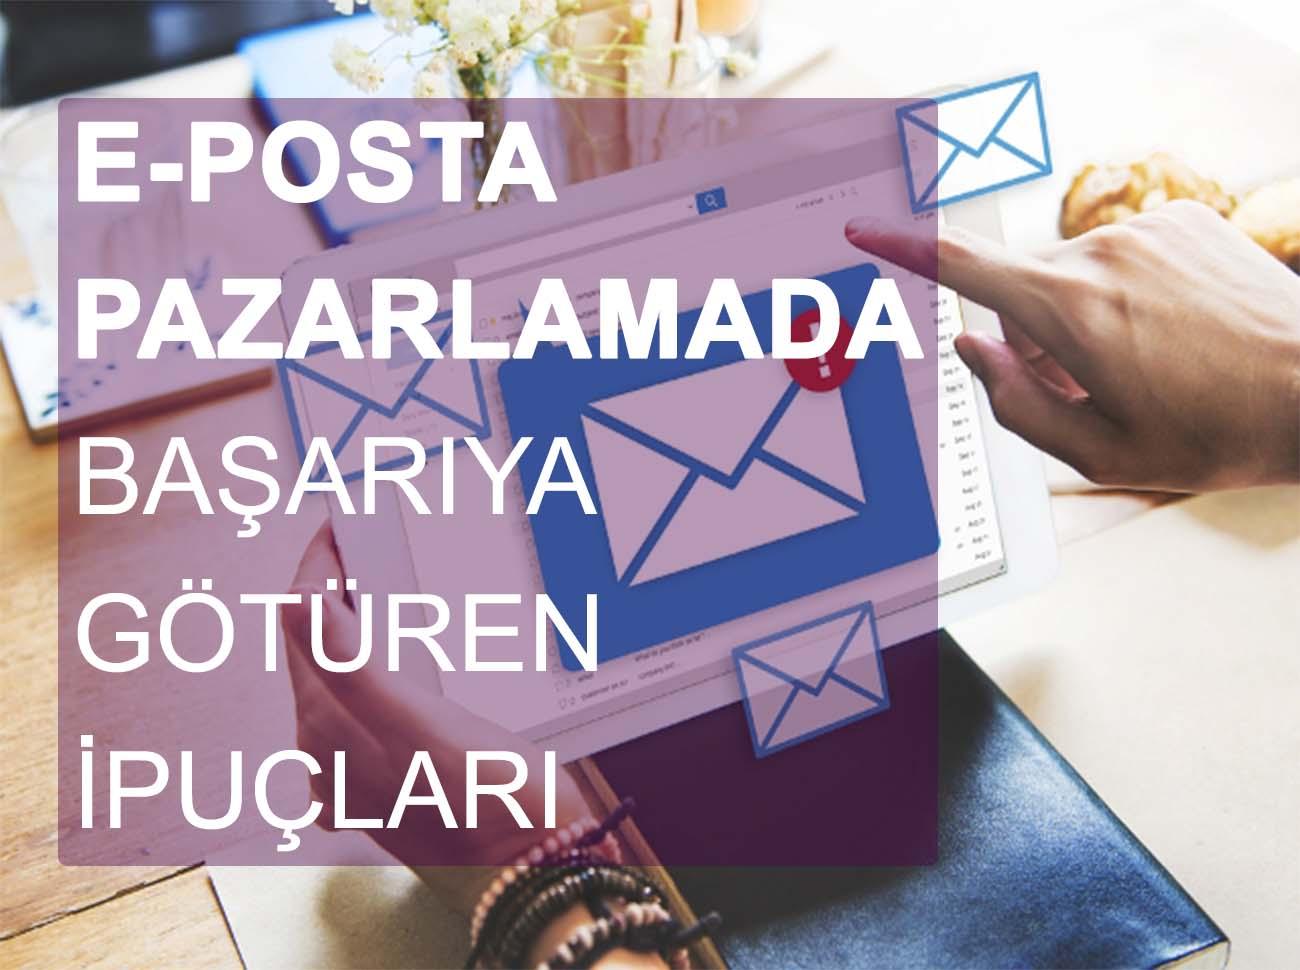 E-Posta Pazarlamada Başarıya Ulaştıran İpuçları